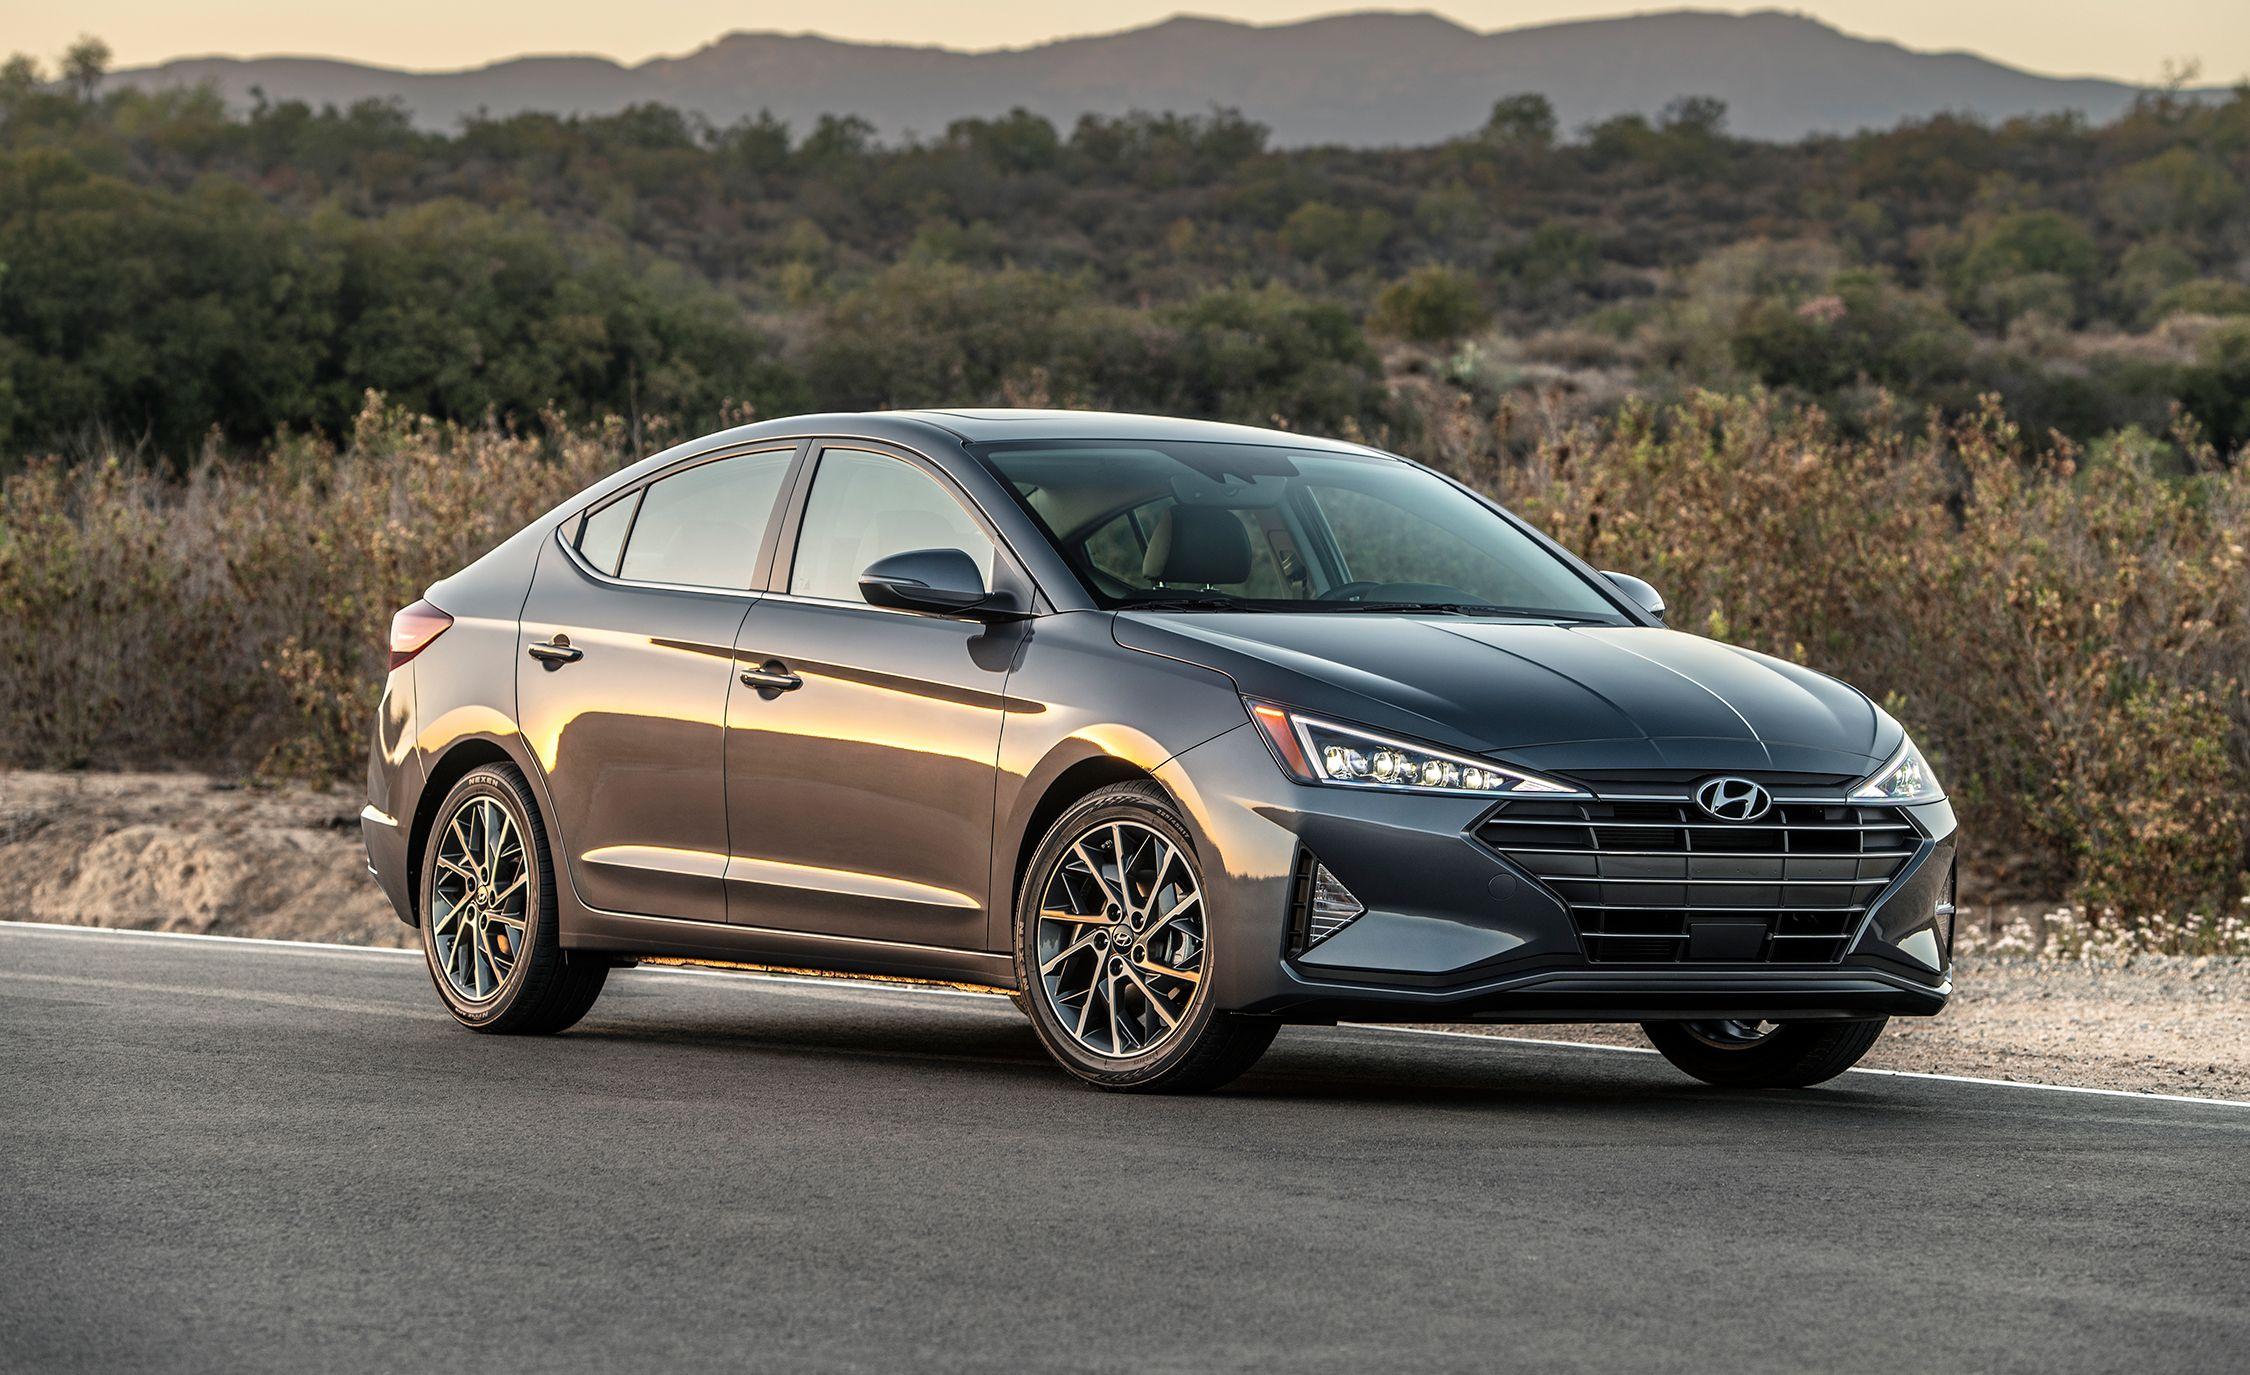 2020 Hyundai Elantra – New Transmission, Improved Fuel Economy